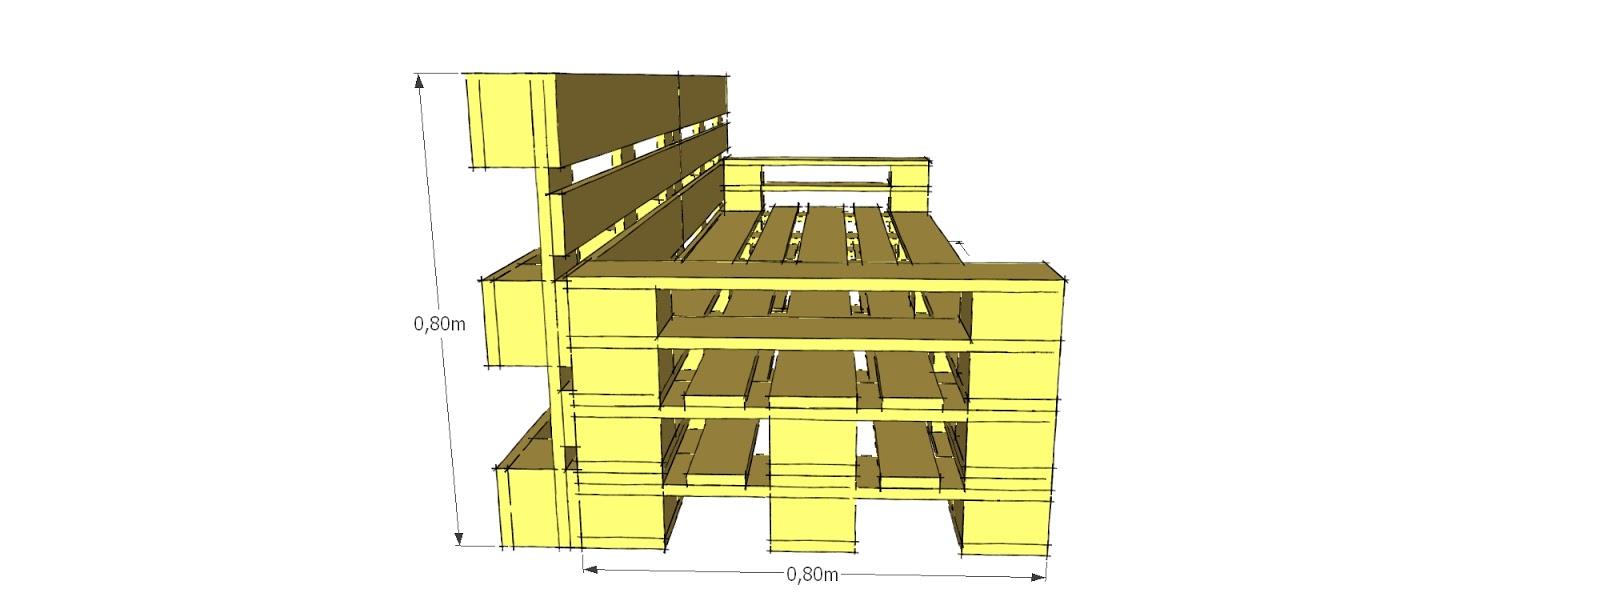 Favoloso Progettare spazi verdi: Come costruire un divano con i pallet  WI64